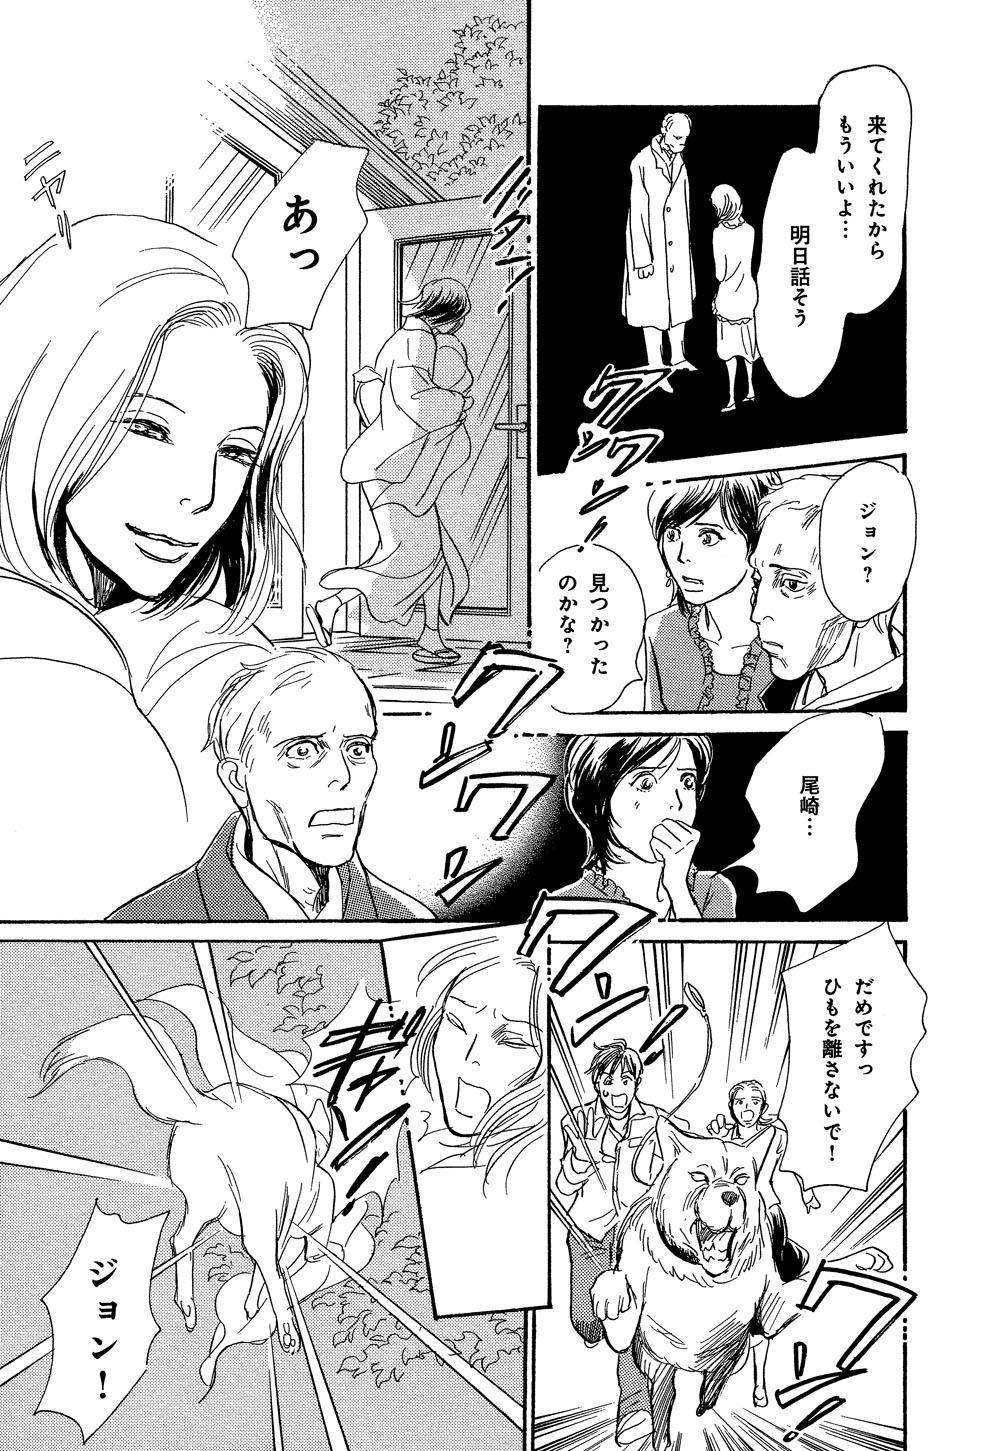 hyakki_0021_0043.jpg